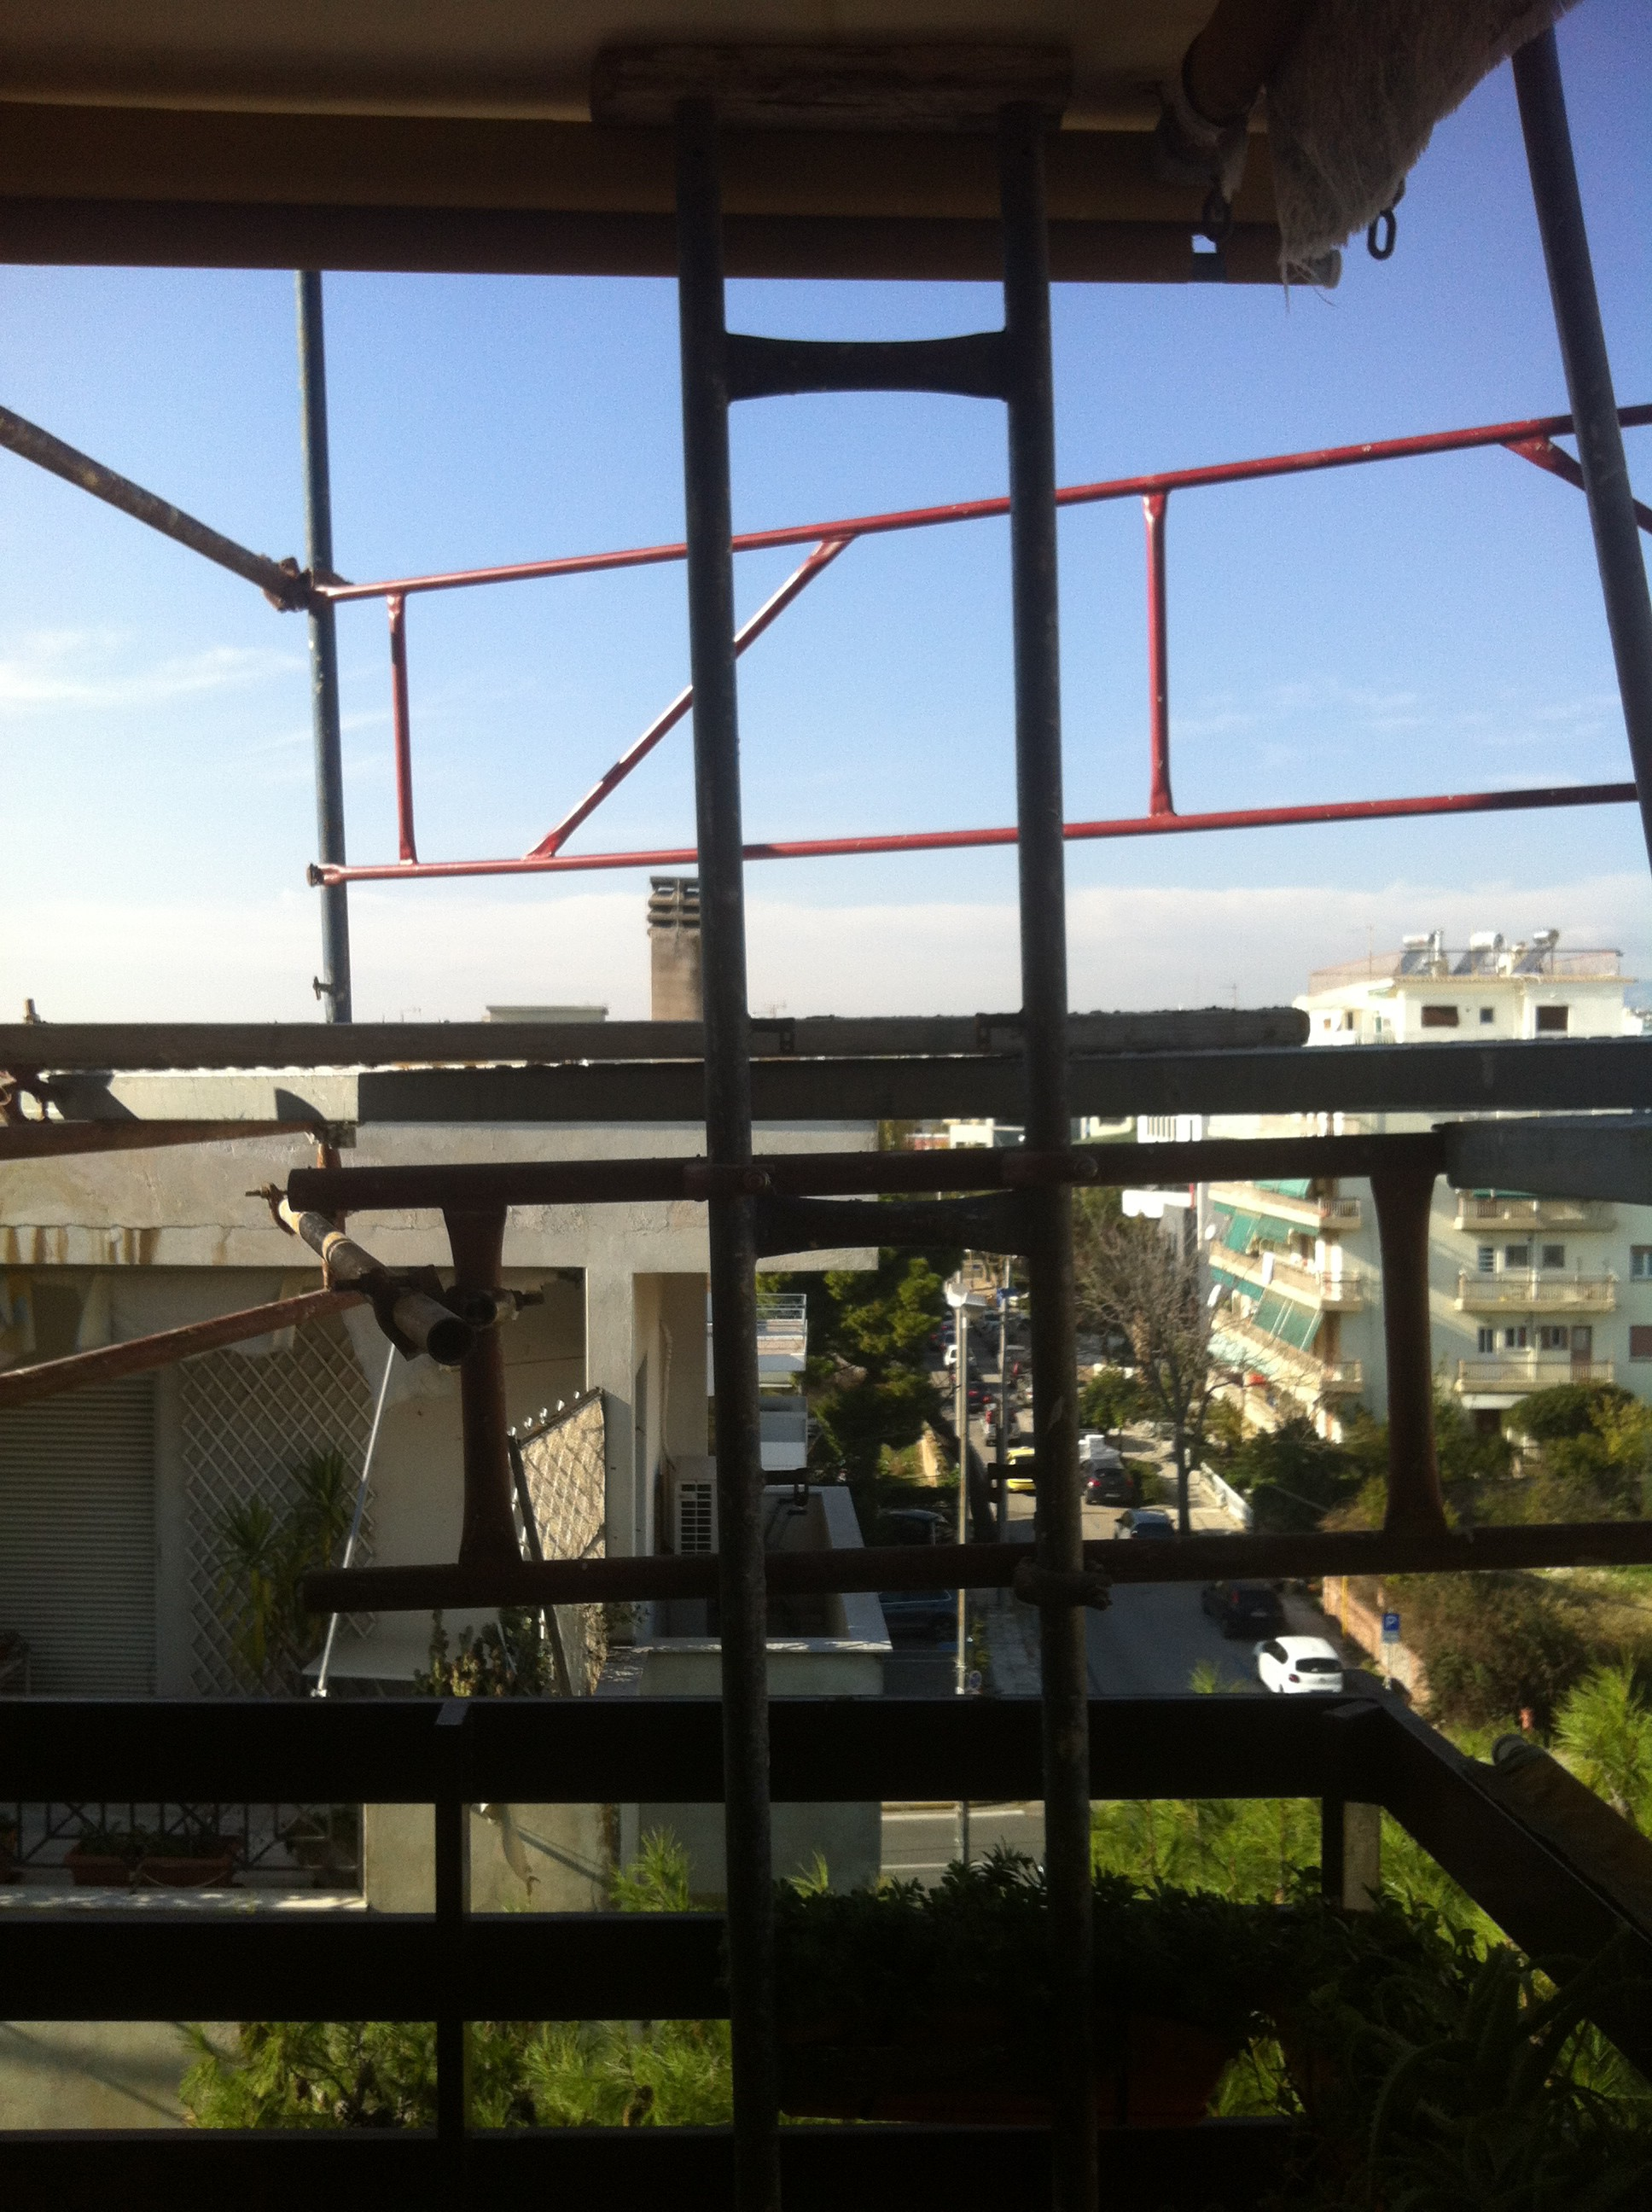 Ικριώματα εξωτερικά του προβόλου του 5ου ορόφου σε πολυκατοικία στο Μαρούσι